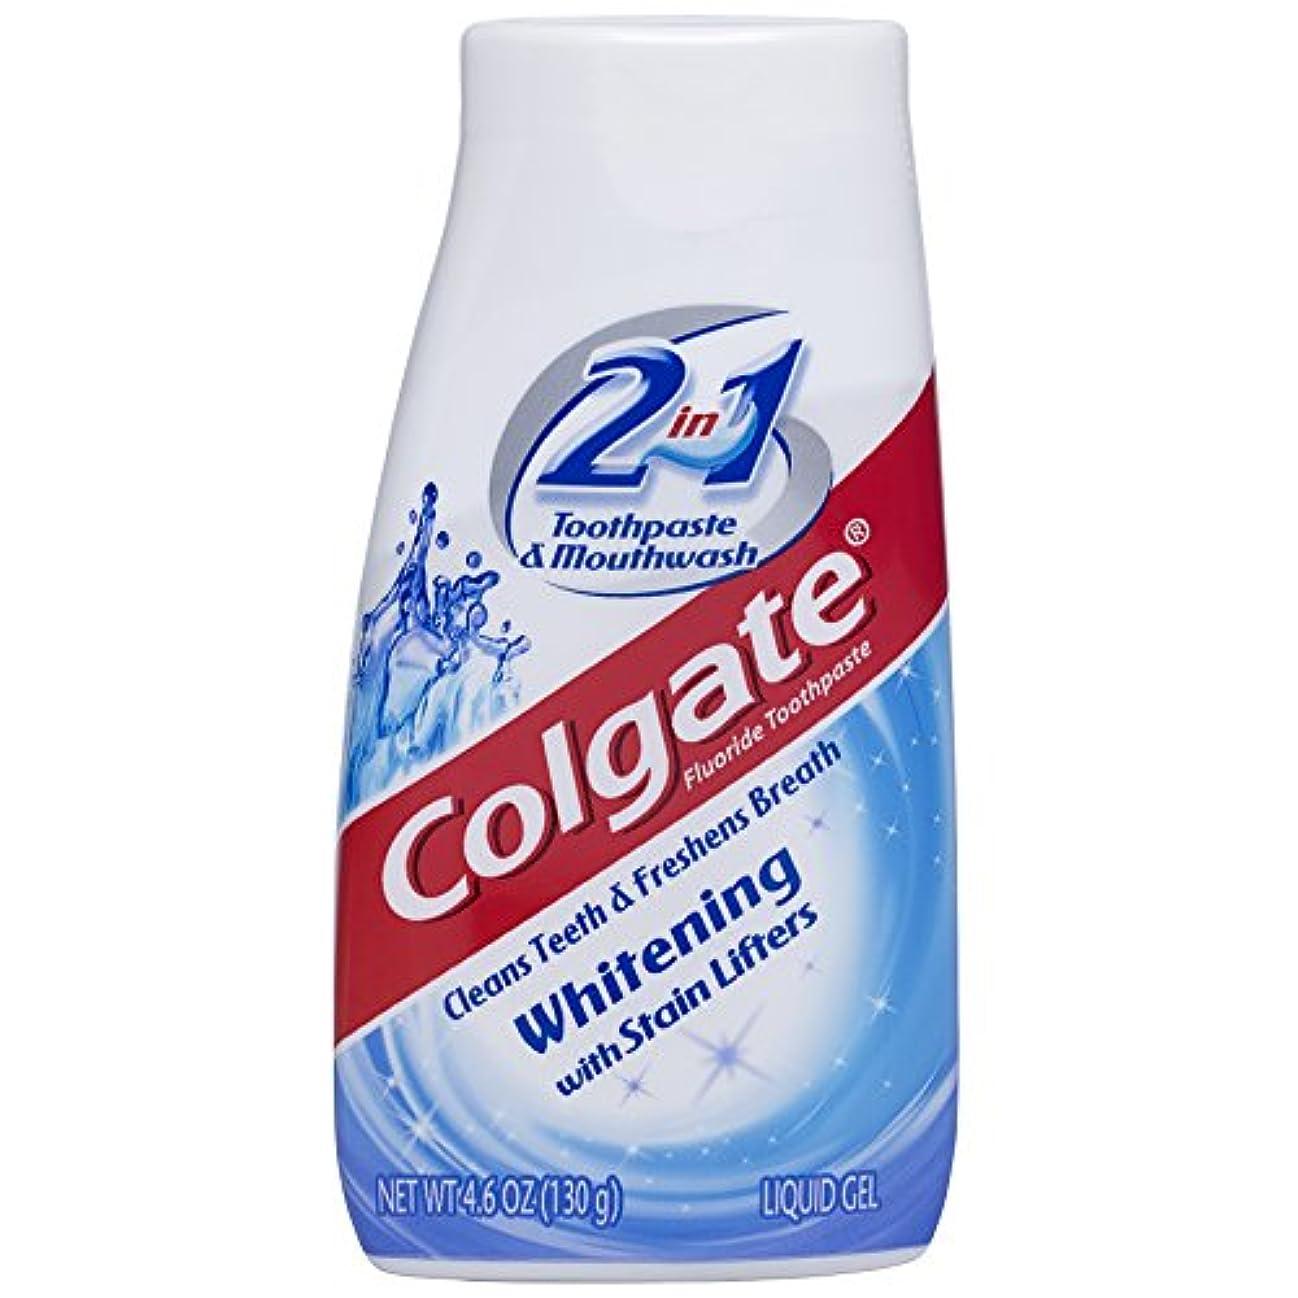 縫う革新立証する海外直送品Colgate 2 In 1 Toothpaste & Mouthwash Whitening, 4.6 oz by Colgate